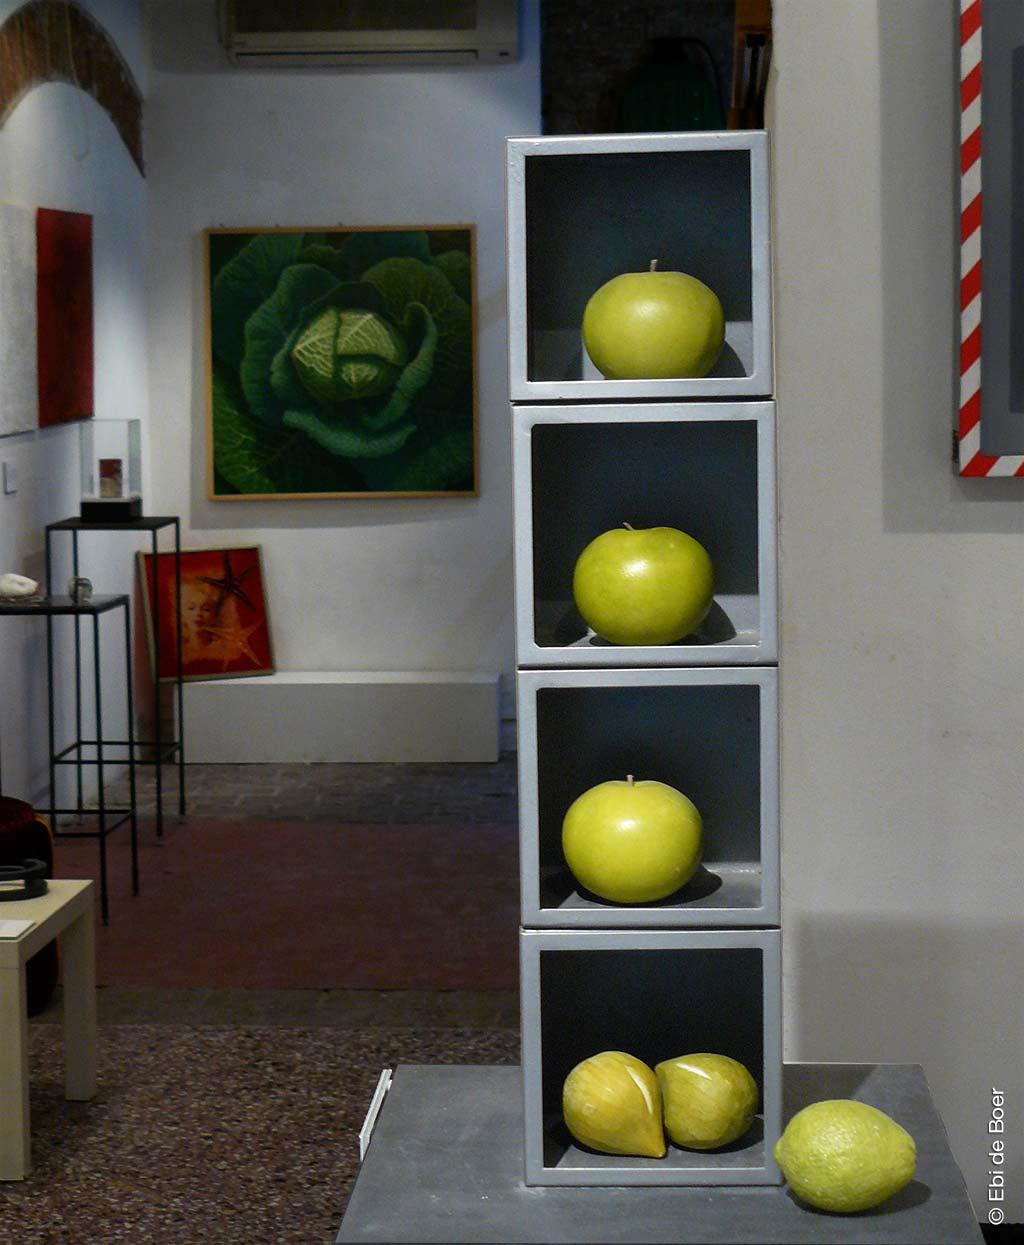 Ebi-de-Boer-Pietrasanta-exhibition